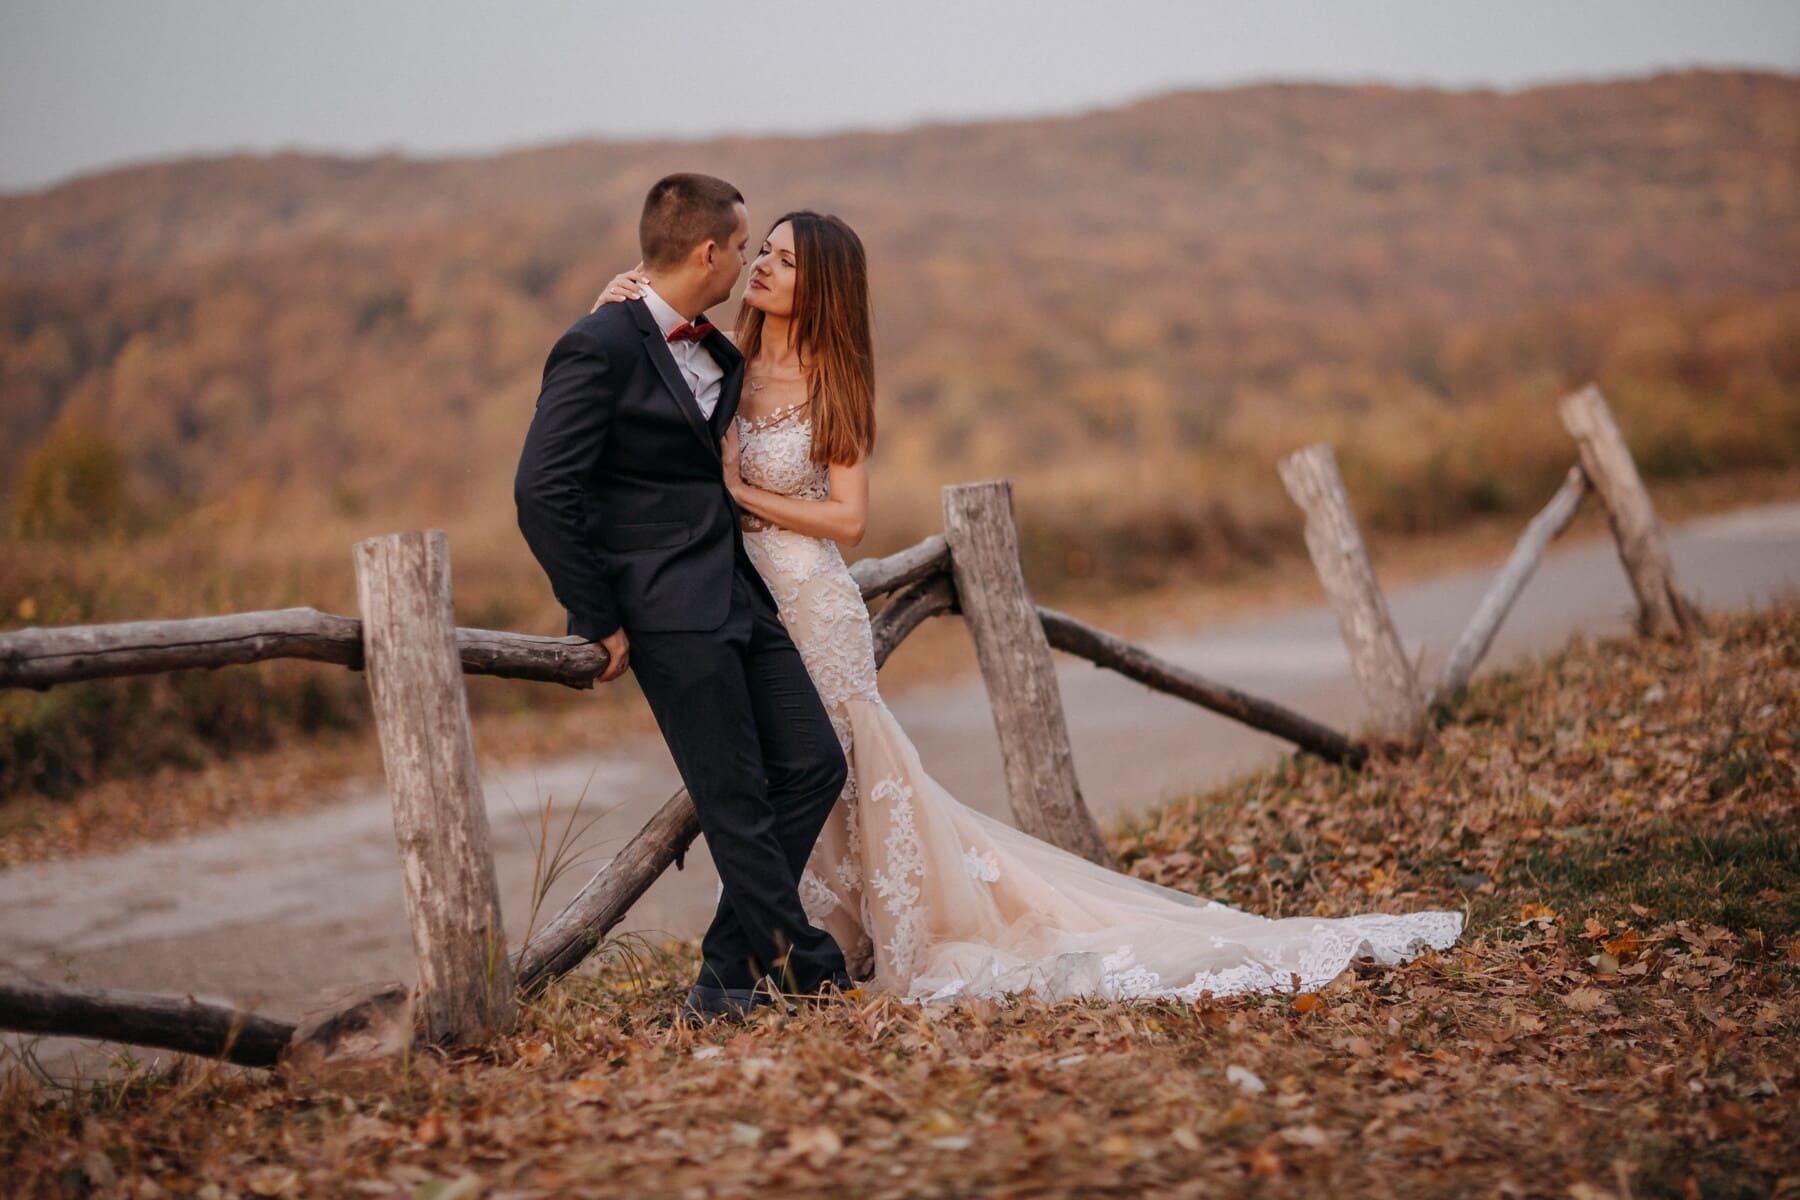 Herbst, Straße, Braut, Bräutigam, Landschaft, romantische, Zaun, Mädchen, Natur, Hochzeit